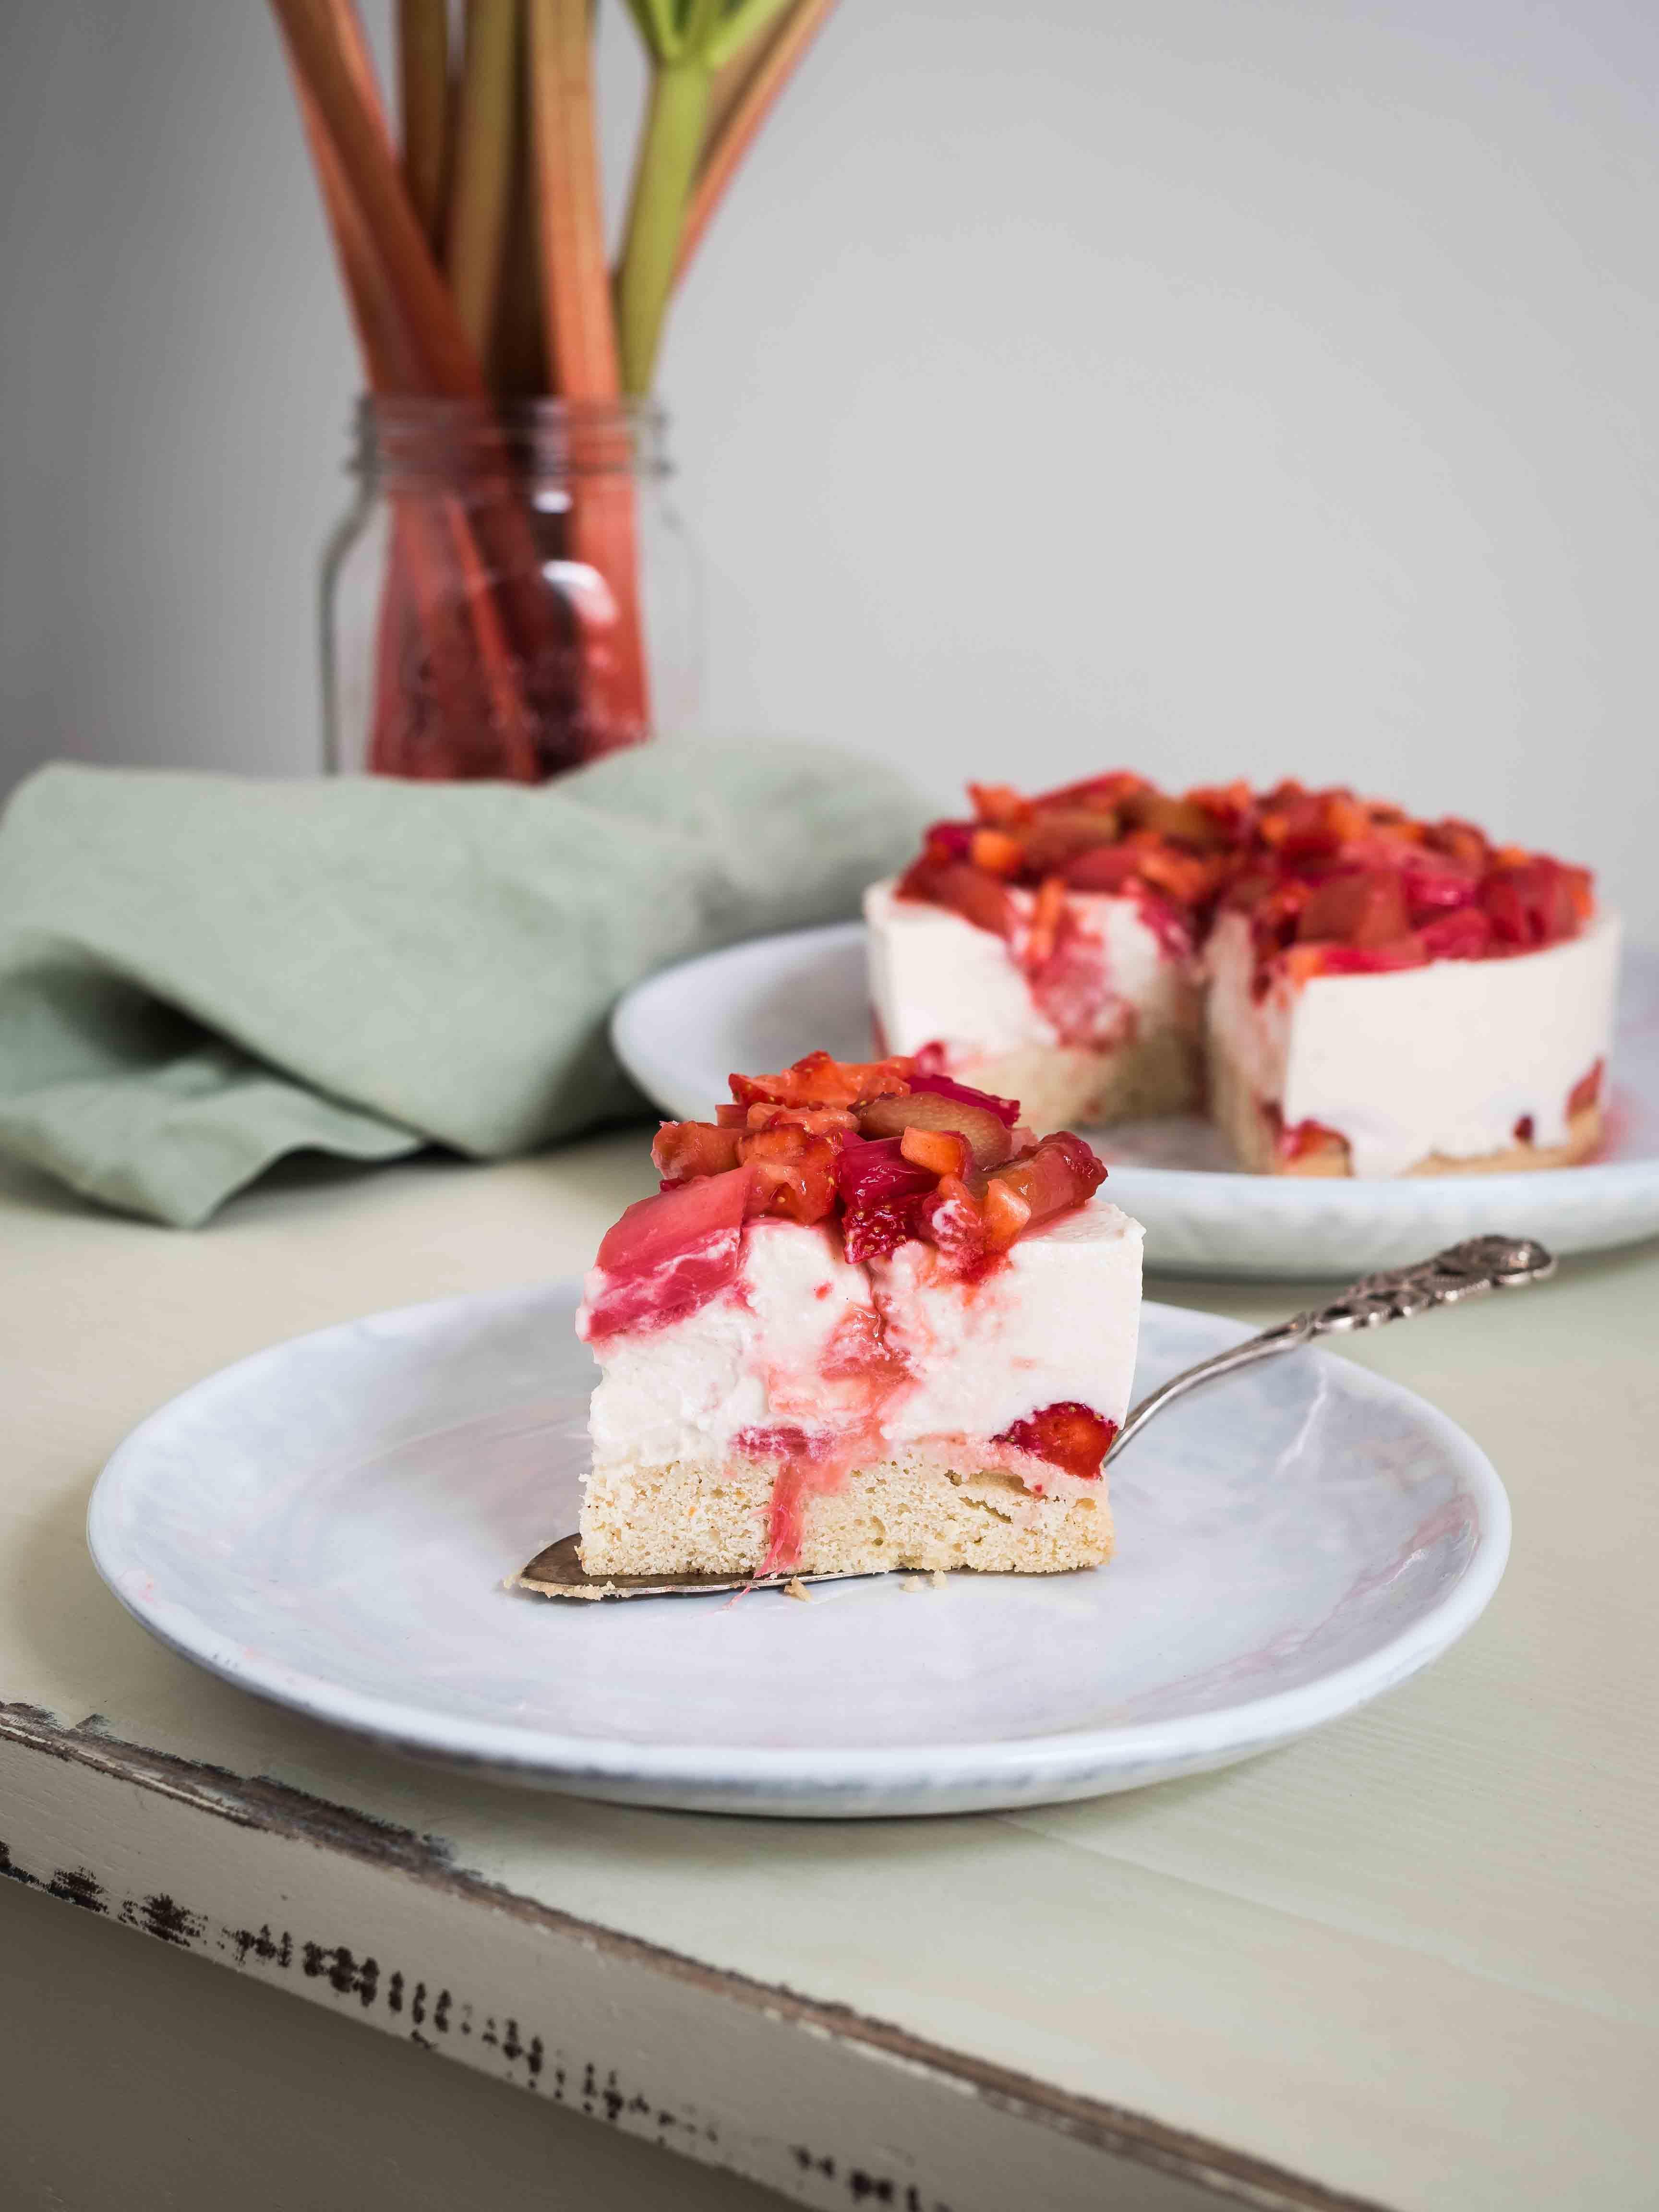 Erdbeer Rhabarber Kuchen: Frischkäse, Beeren und karamellisierter Rhabarber.